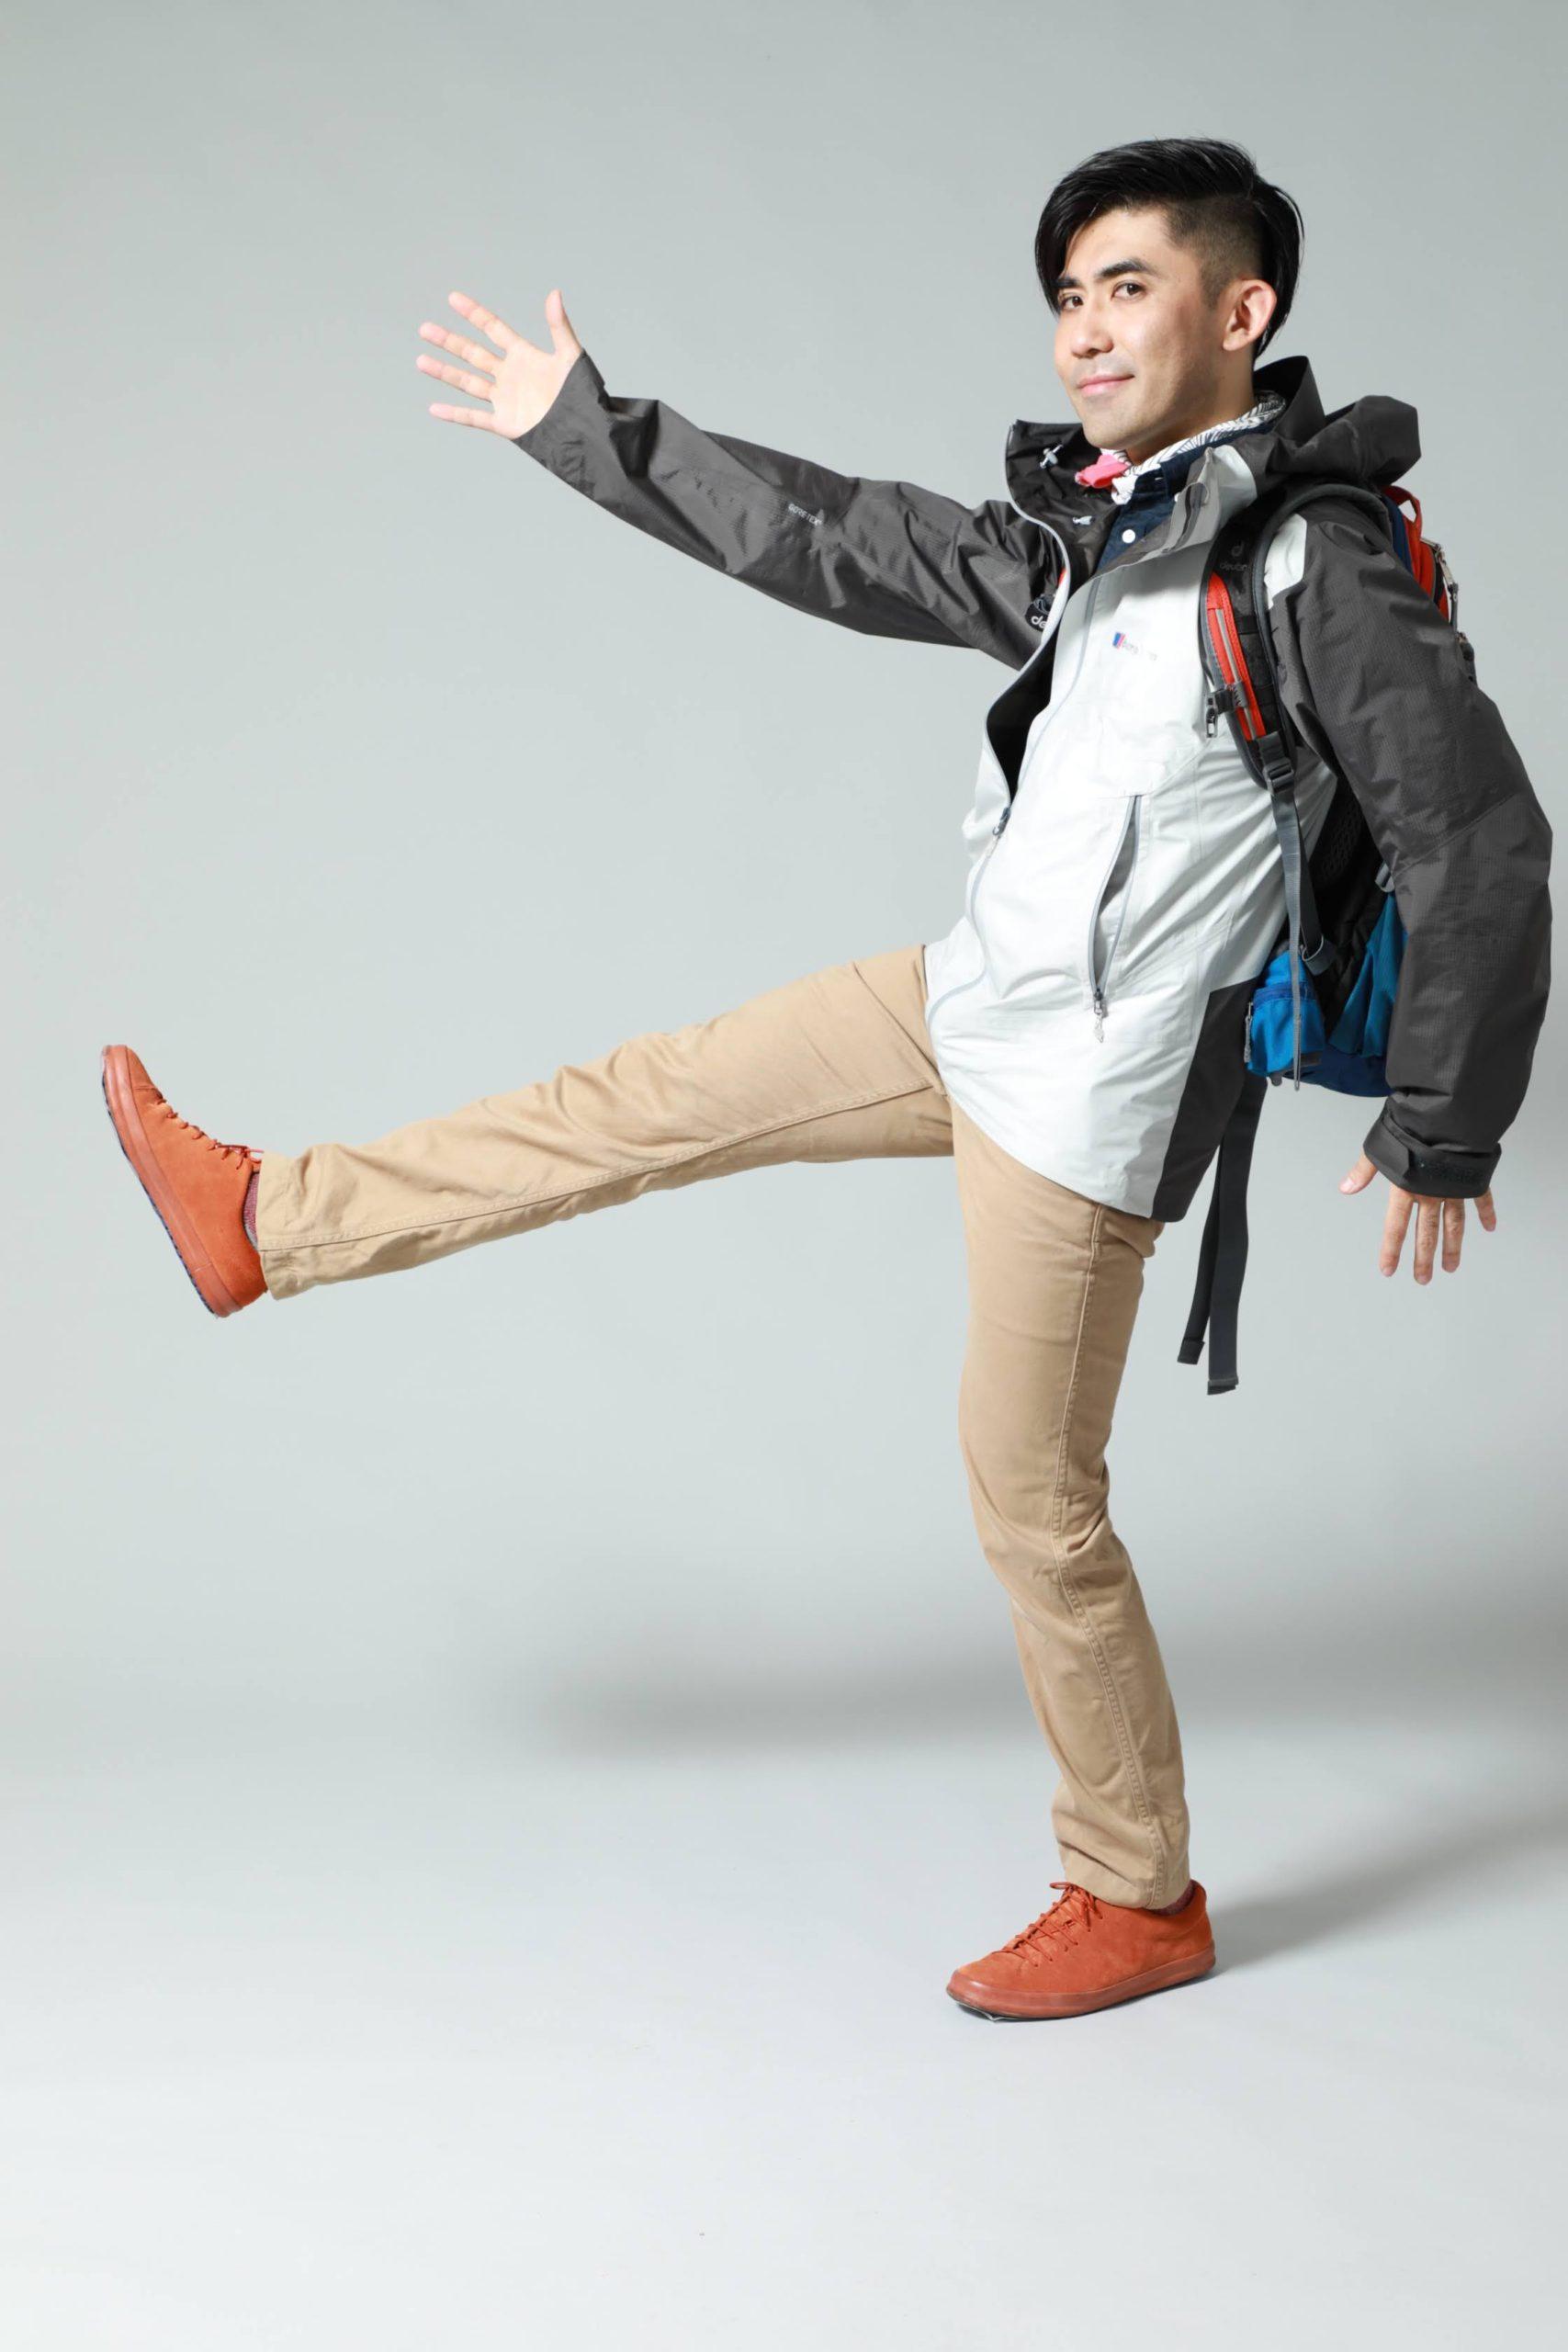 ※延期【限定企画】 黒澤世莉によるワークショップ~ちょっとおためし!マイズナーテクニック1日体験クラス~